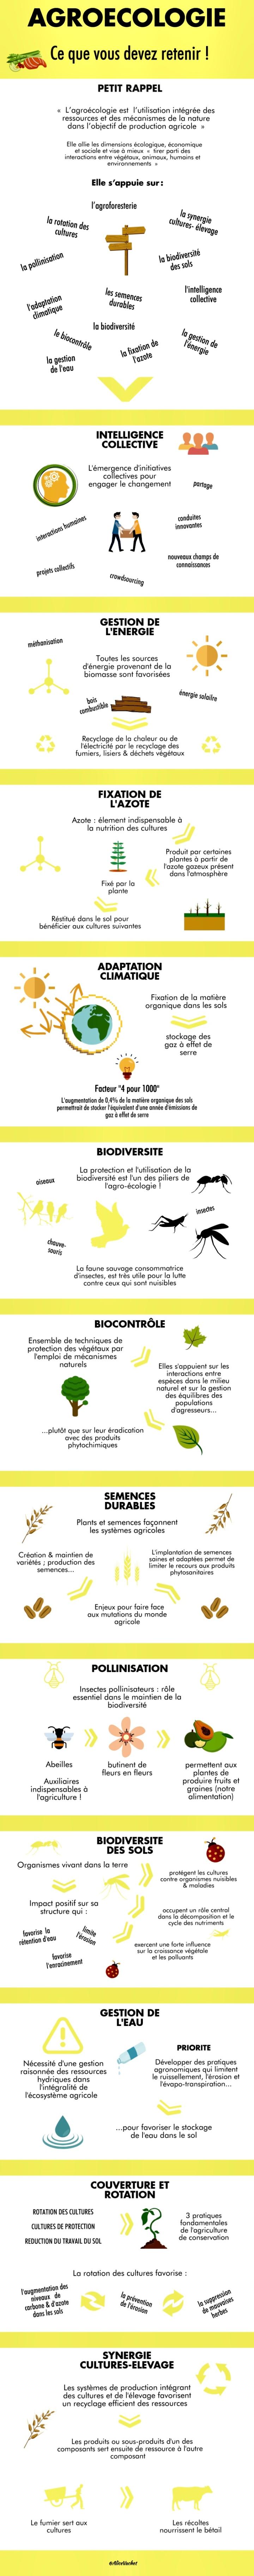 [Infographie] Agroécologie : Ce Que Vous Devez Retenir🌾